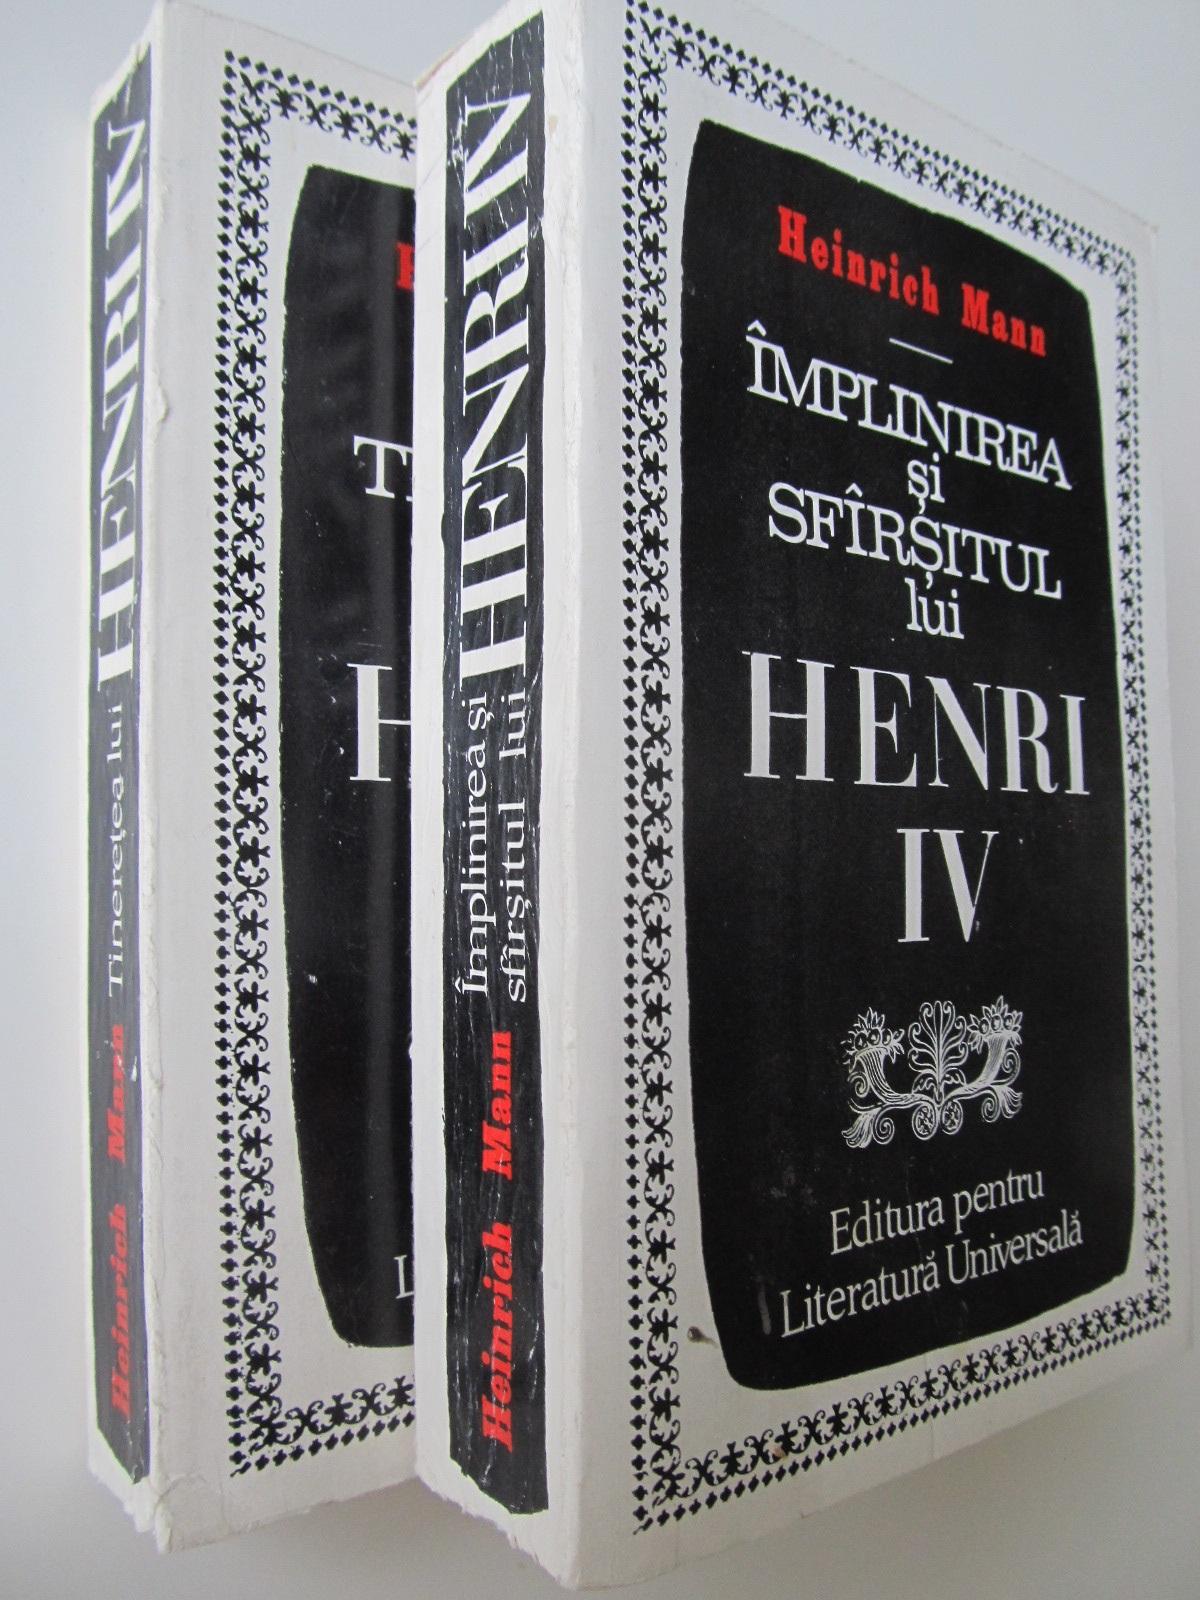 Tineretea lui Henri IV- Implinirea si sfarsitul lui Henri IV (2 vol.) - Heinrich Mann | Detalii carte